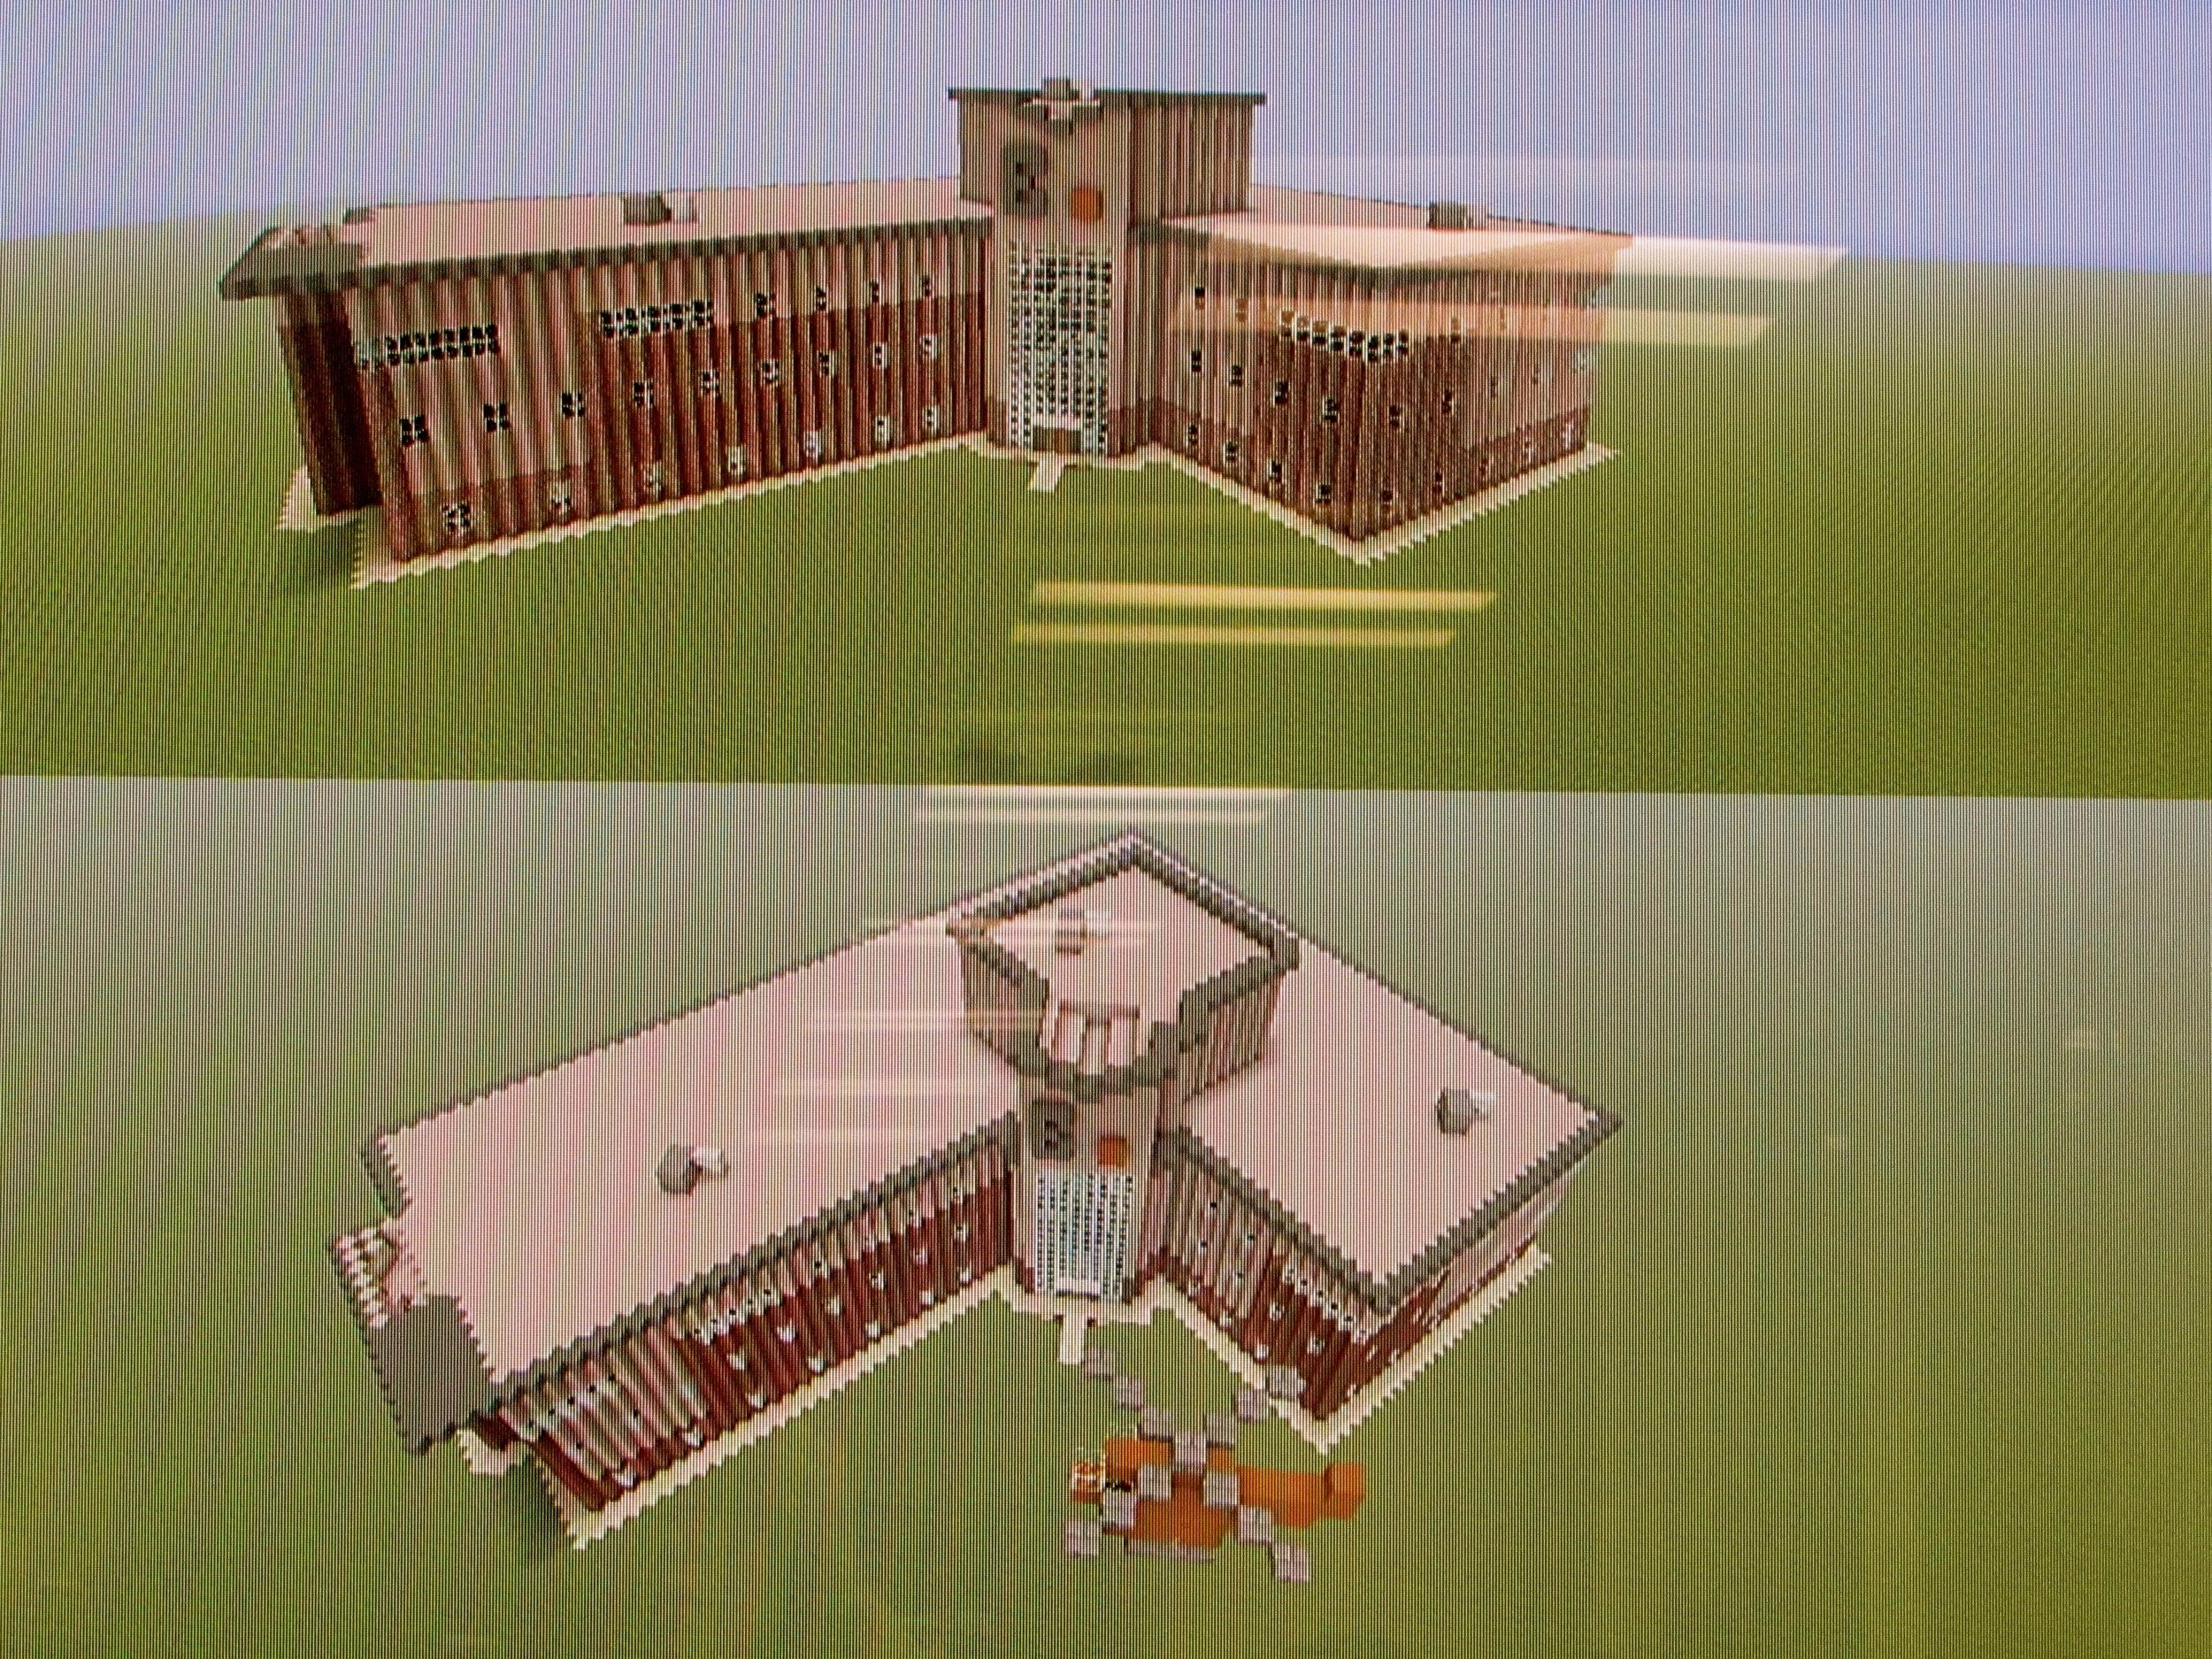 Taking shape: Exchange Court rebuilt